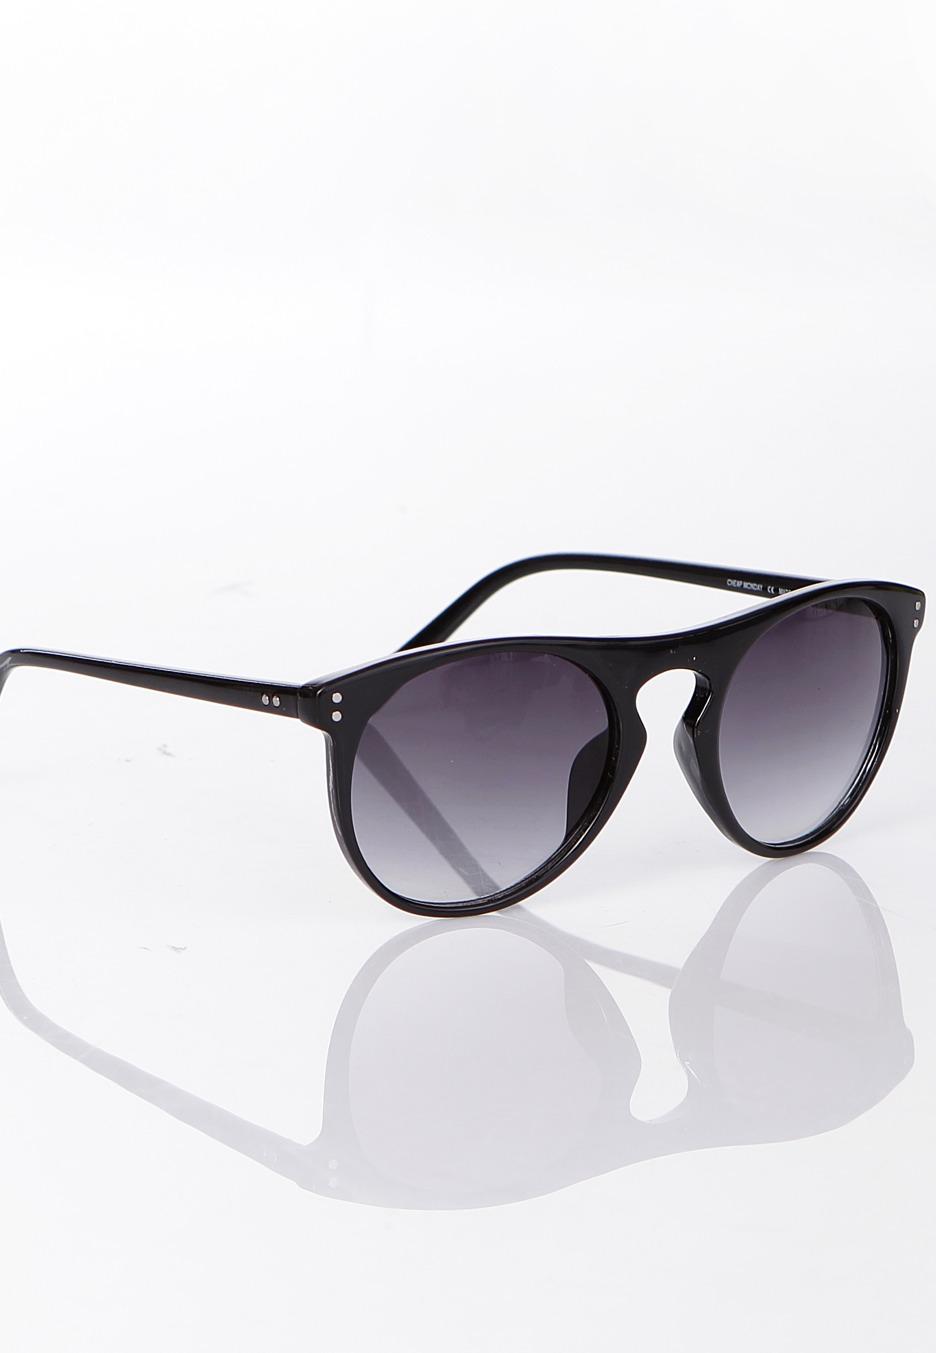 65e3dd01e52 Cheap 9five Sunglasses